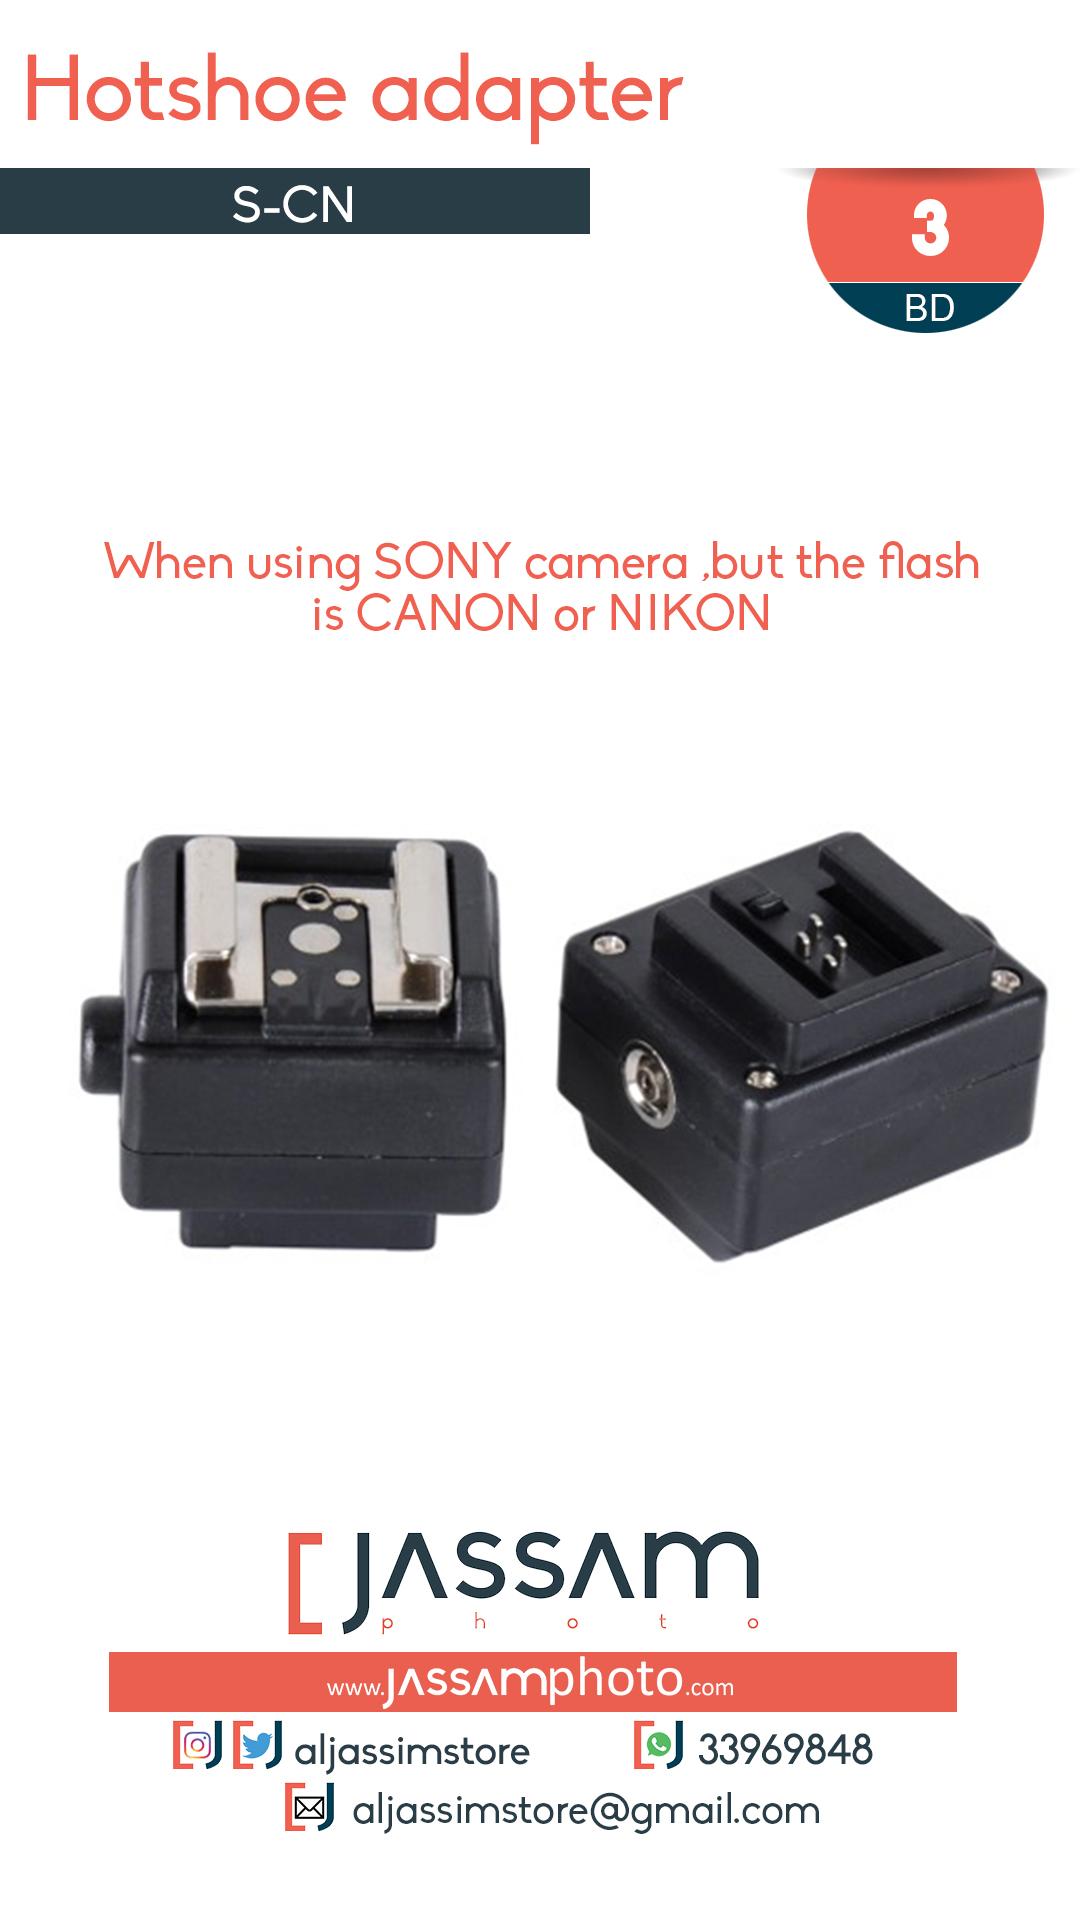 Hotshoe Adapter SN-CN